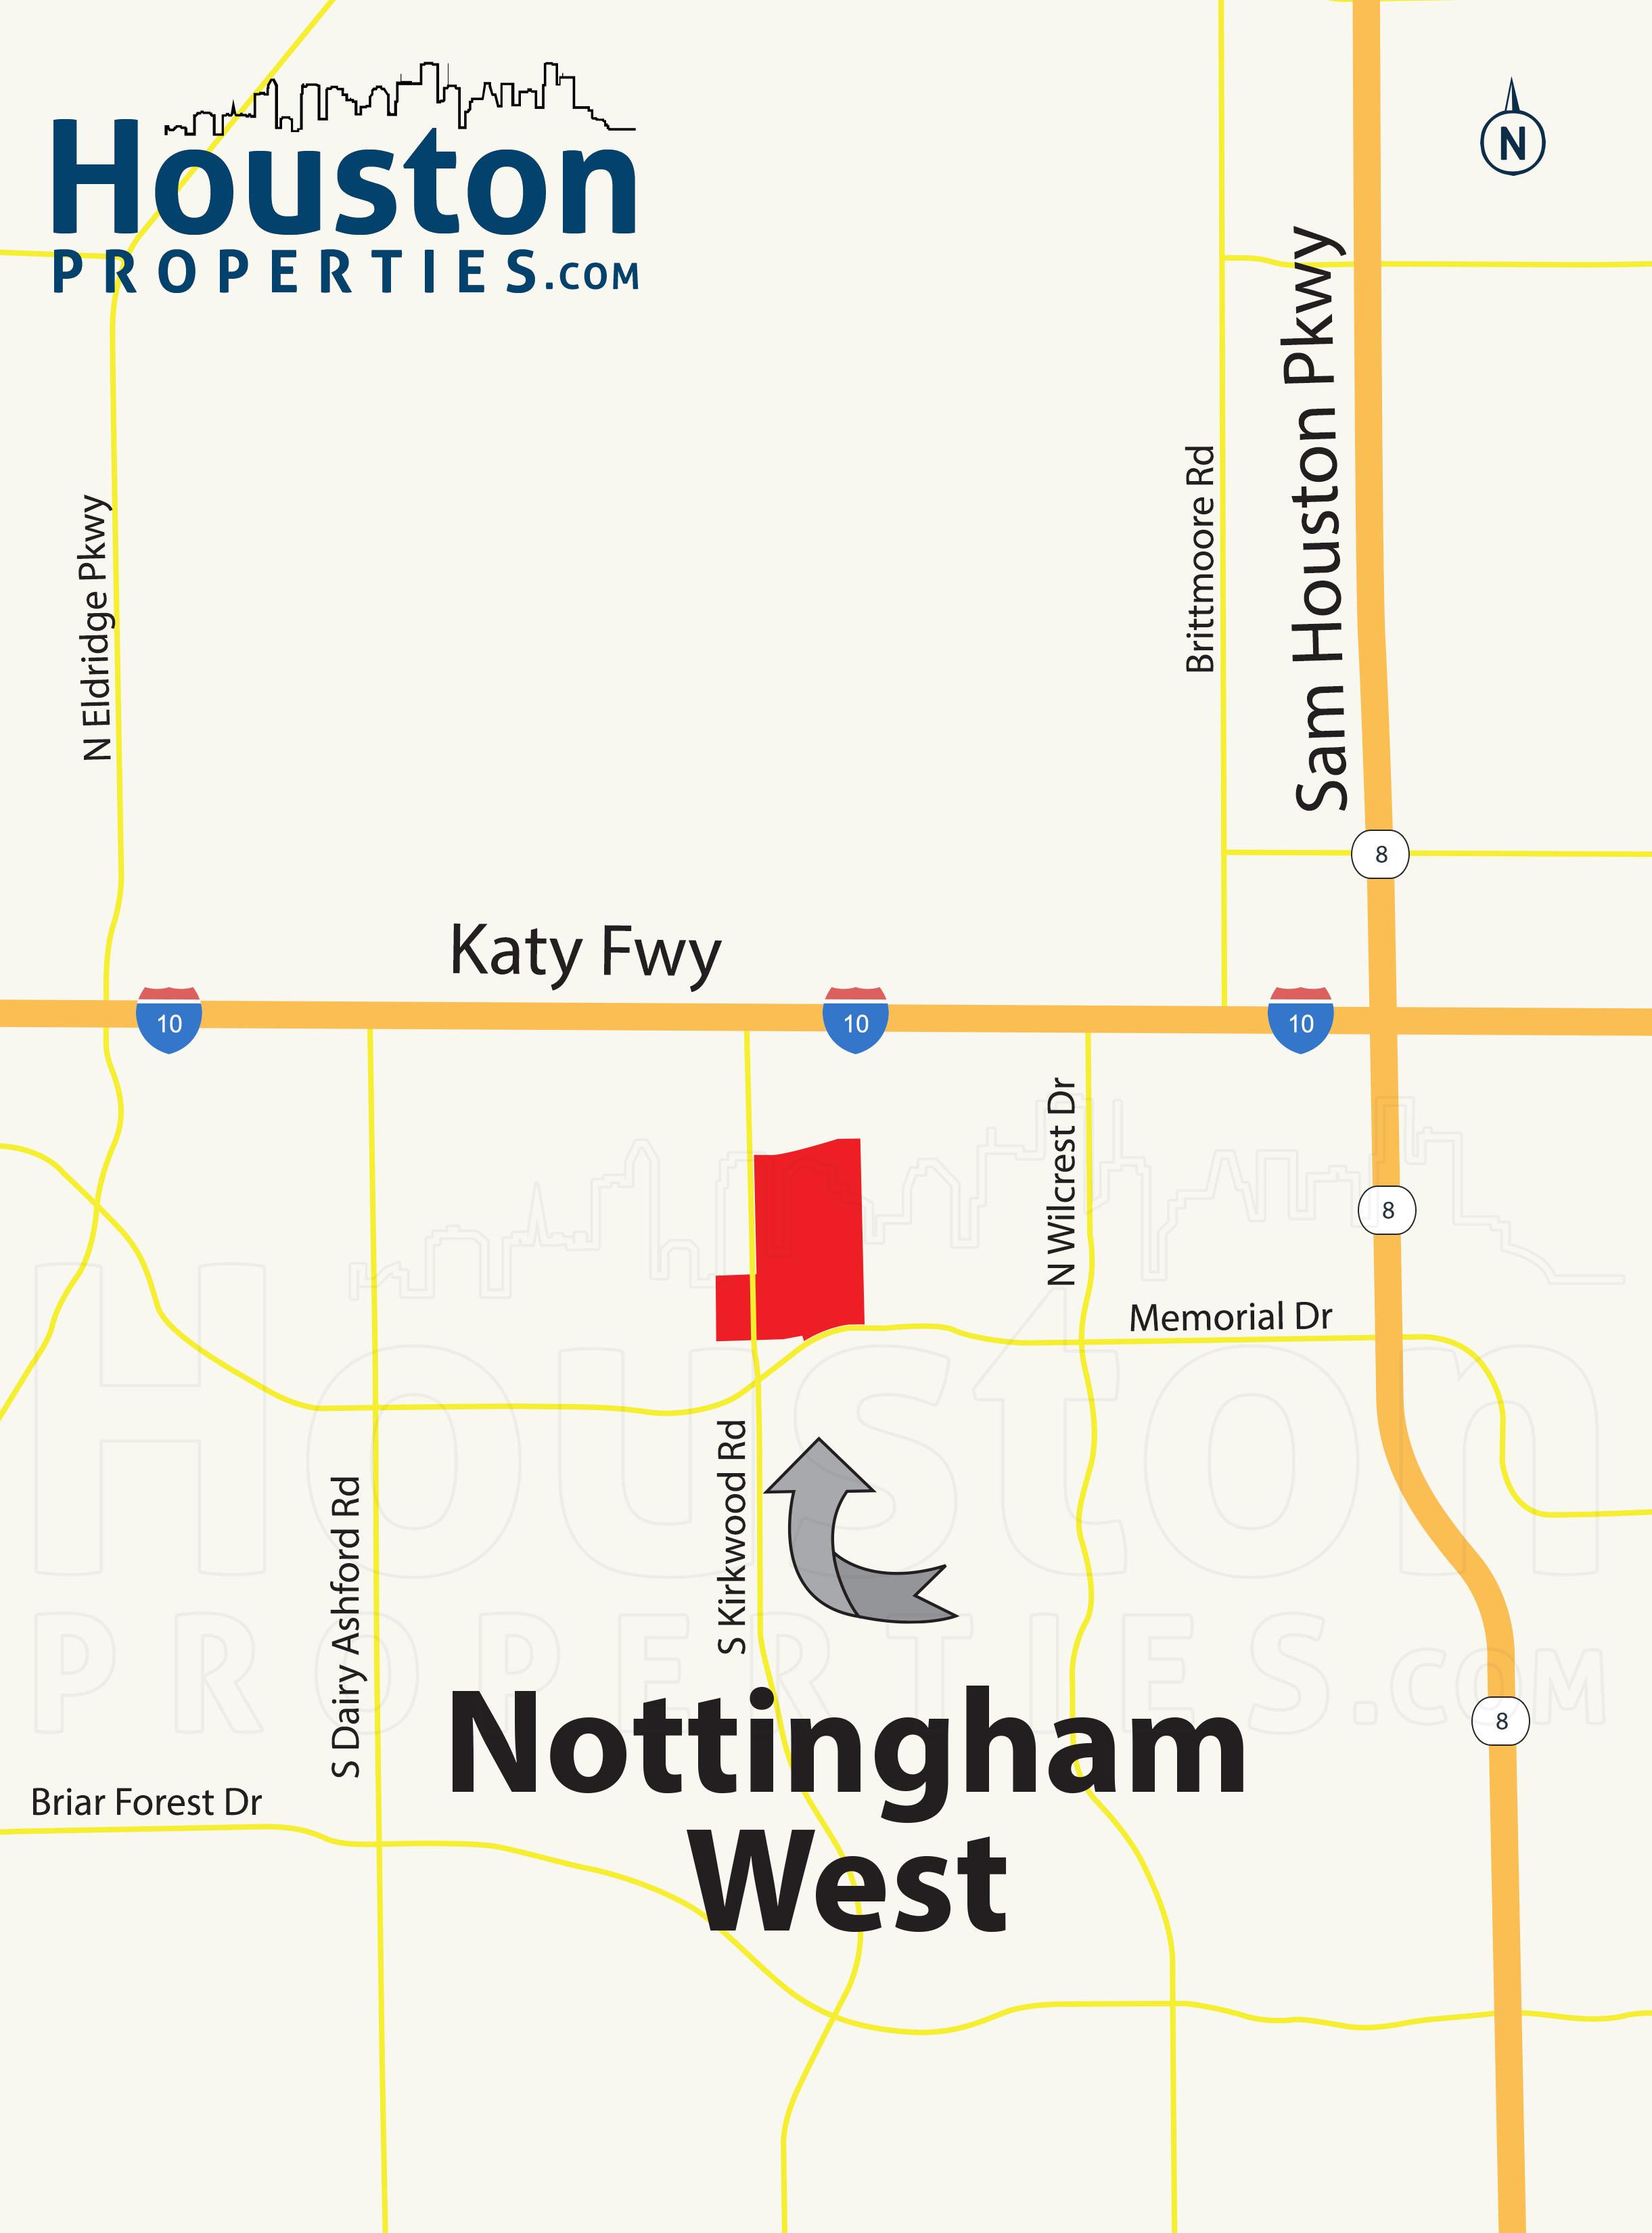 Nottingham West Houston map